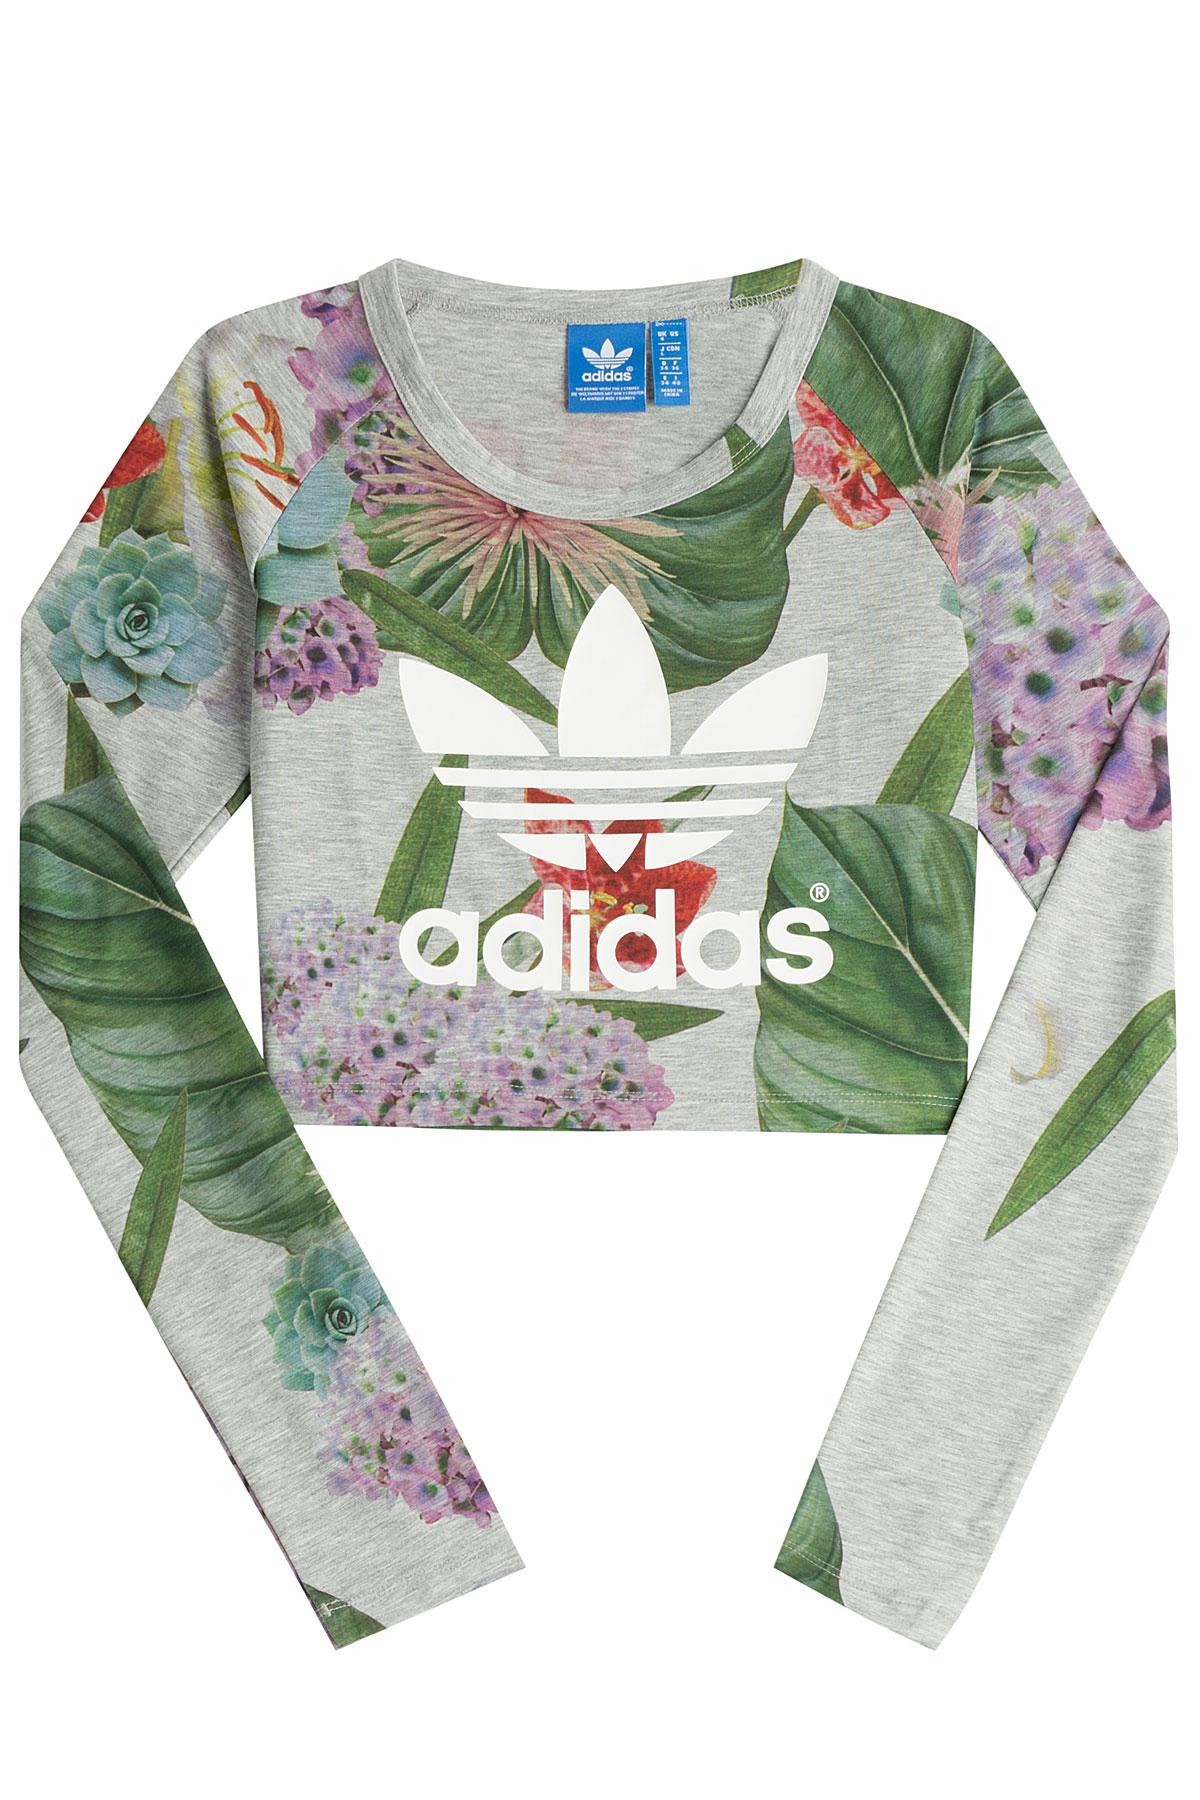 667799476ddd89 Adidas Crop Top Floral l-d-c.co.uk